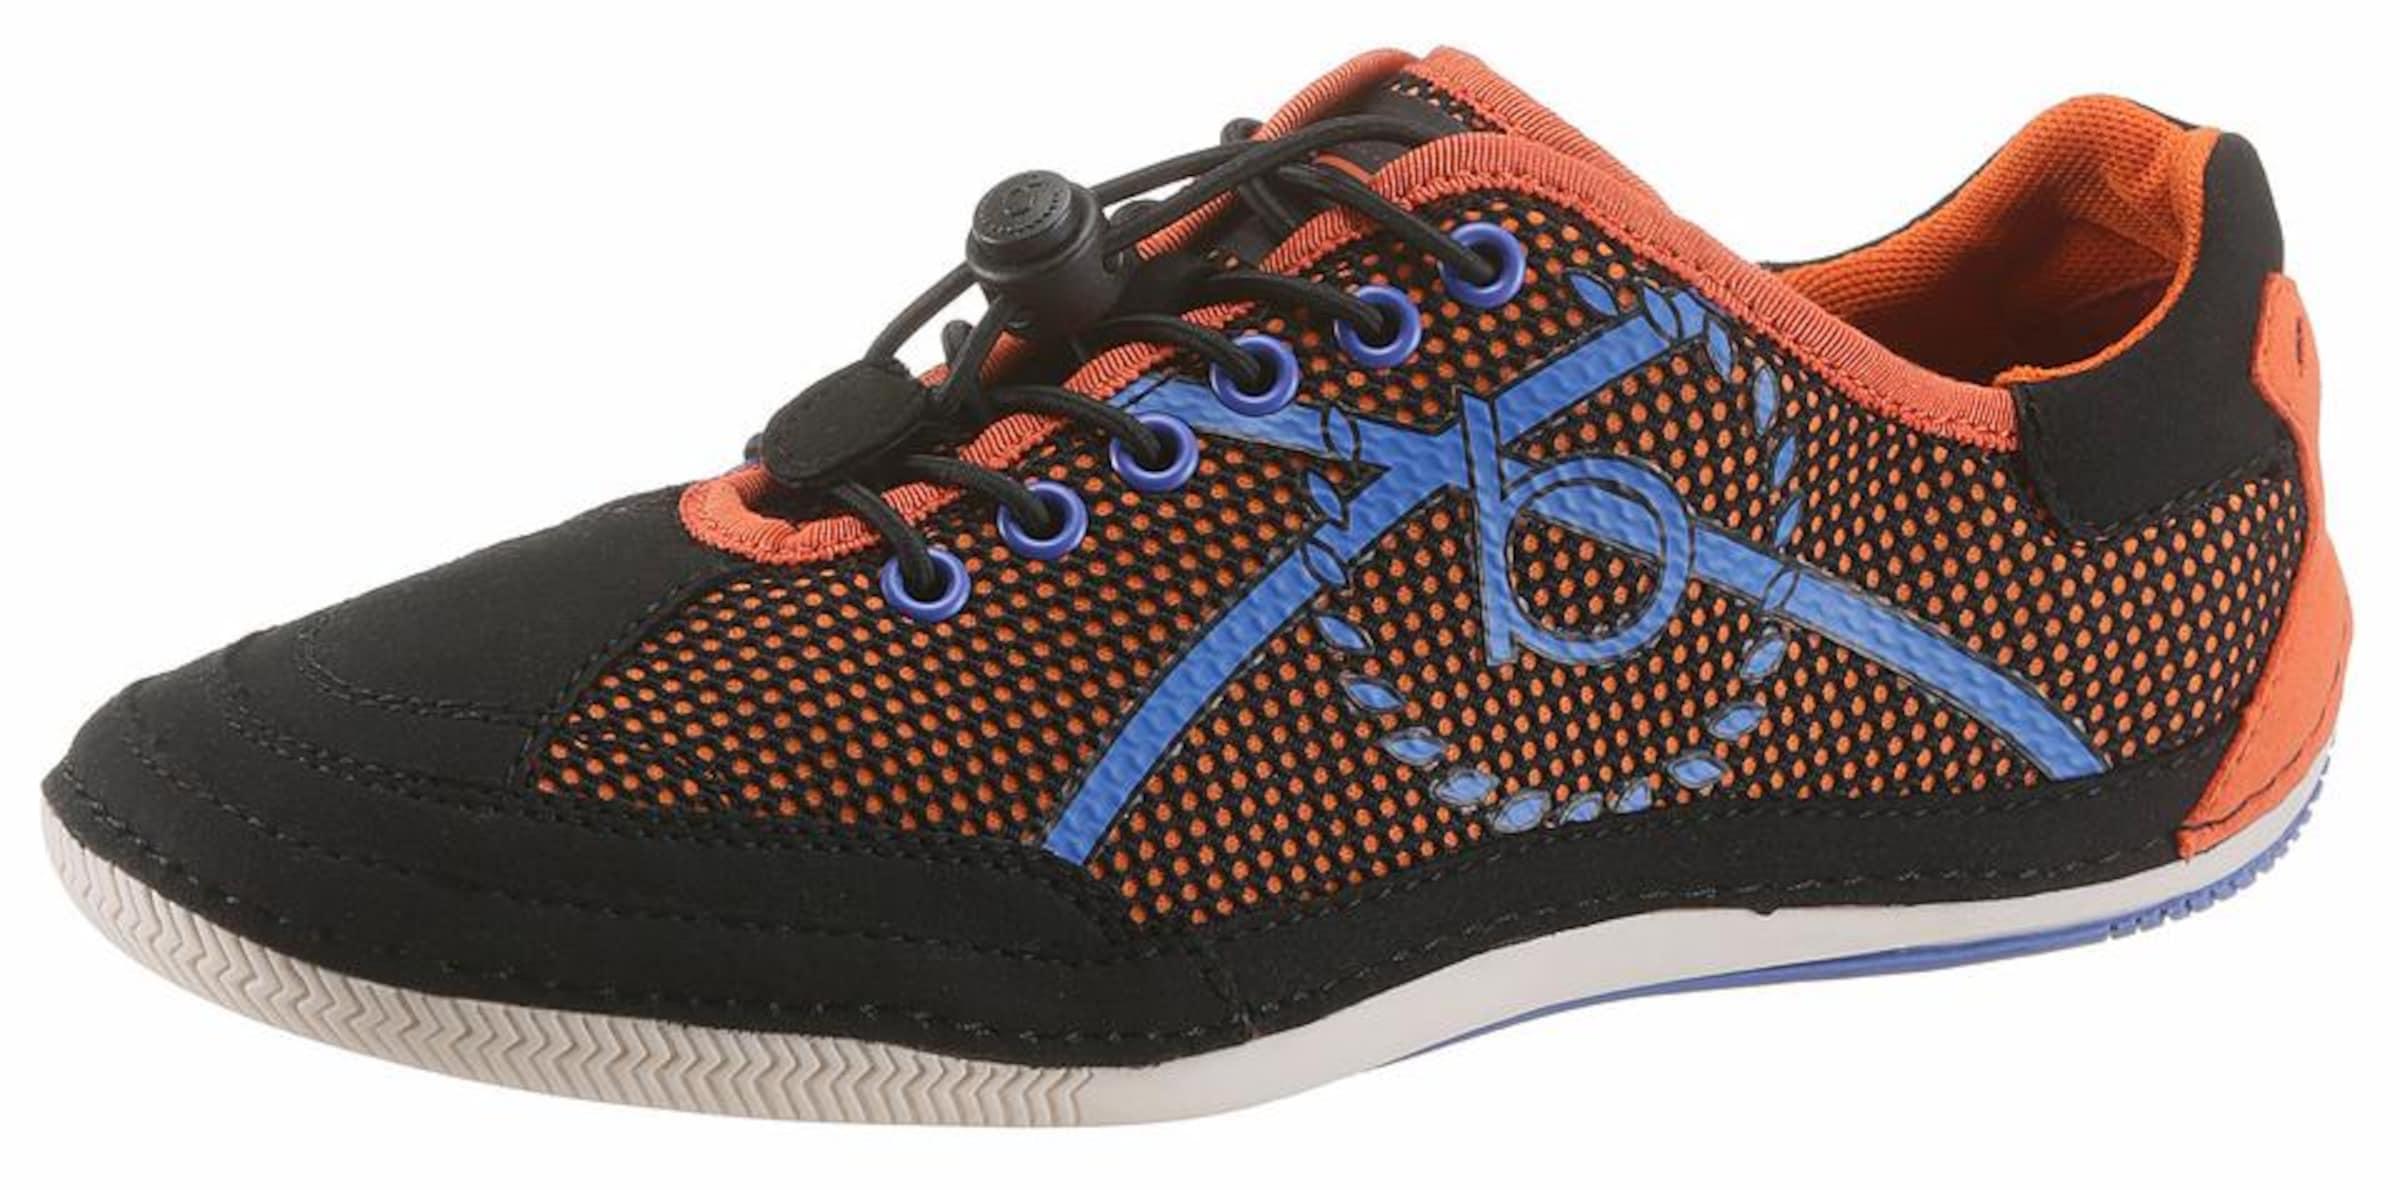 bugatti Slipper Verschleißfeste billige Schuhe Hohe Qualität